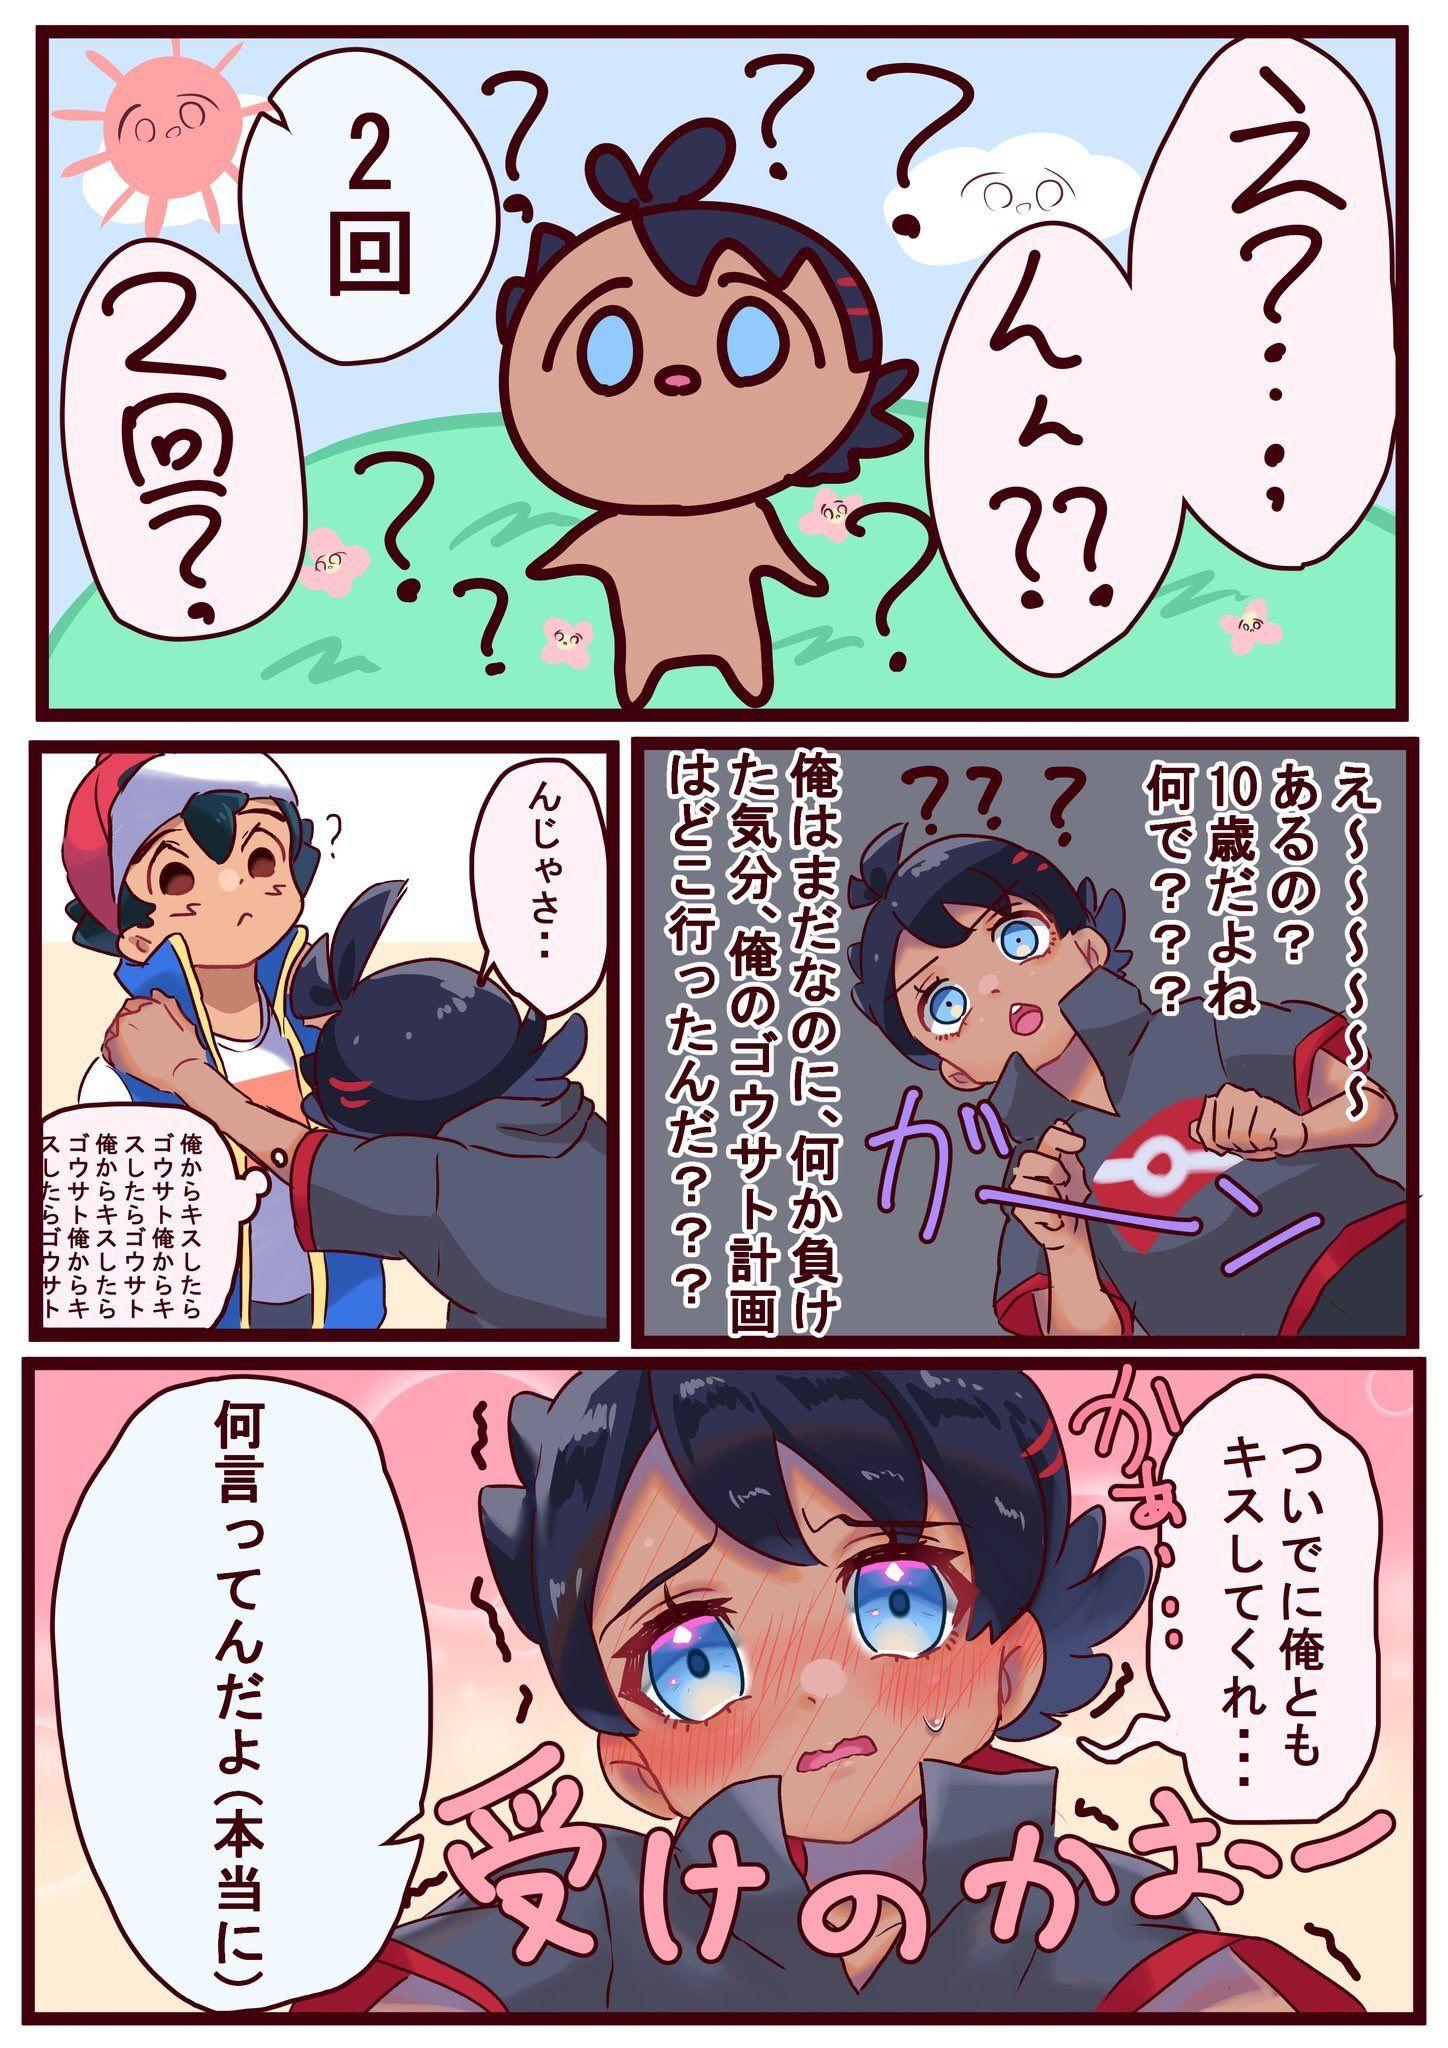 twitter ポケモン 面白い ポケモン漫画 ポケモンサトシのイラスト